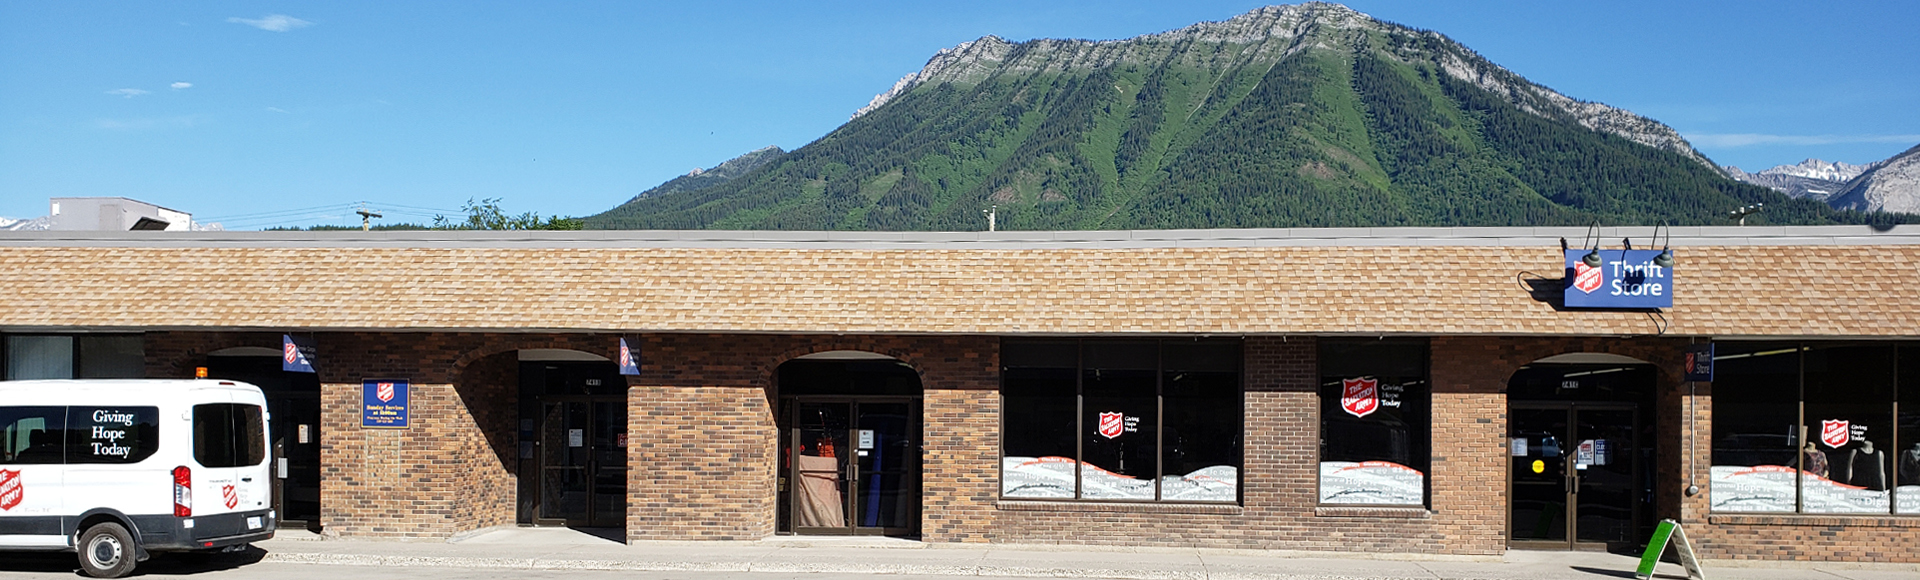 fernie_building 1920x580